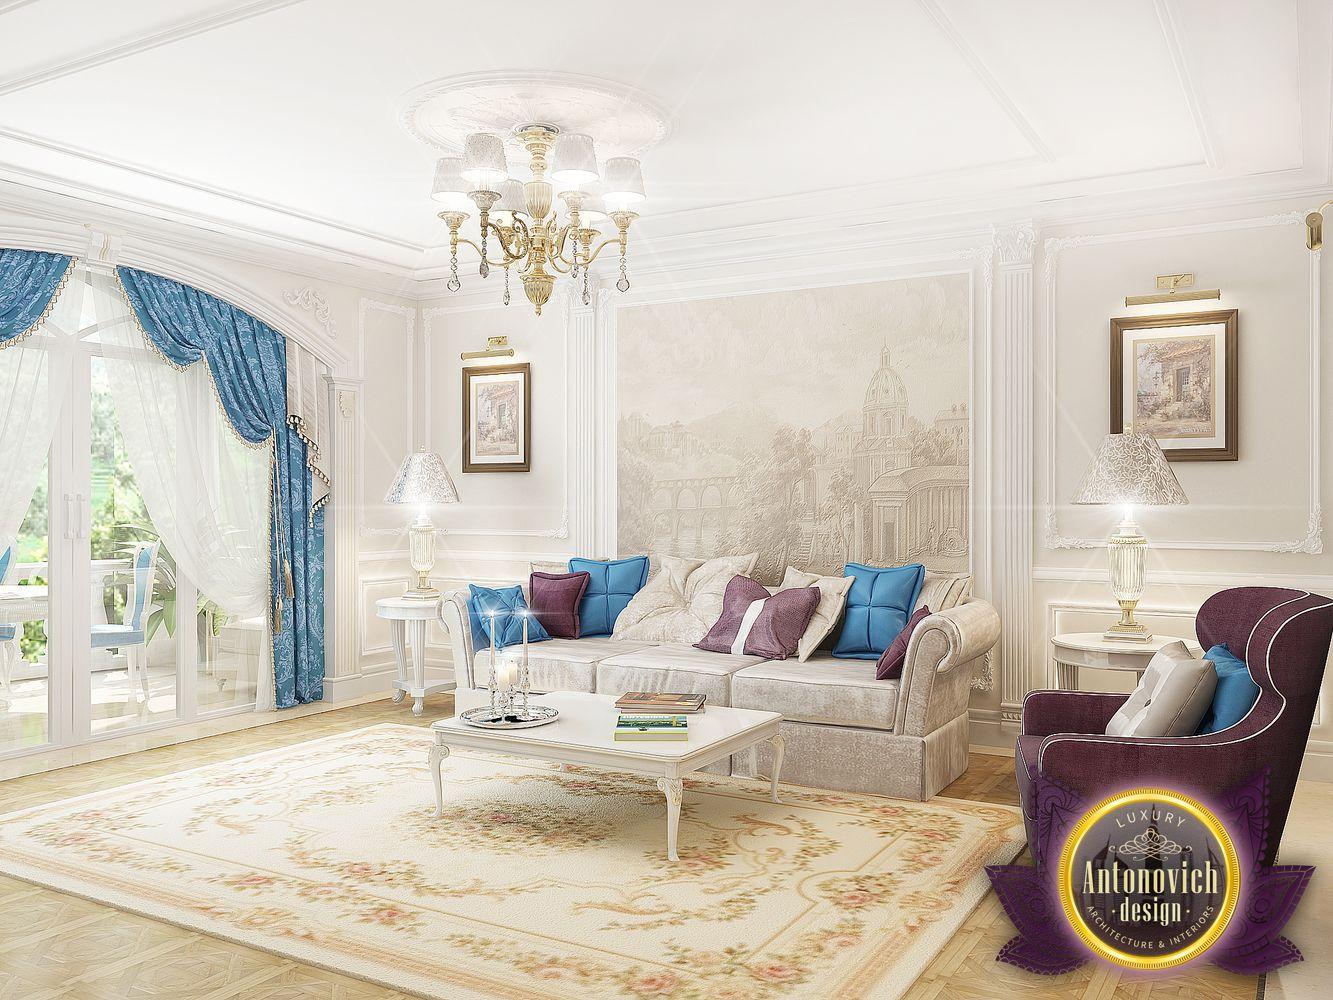 luxury antonovich design uae family living room interior